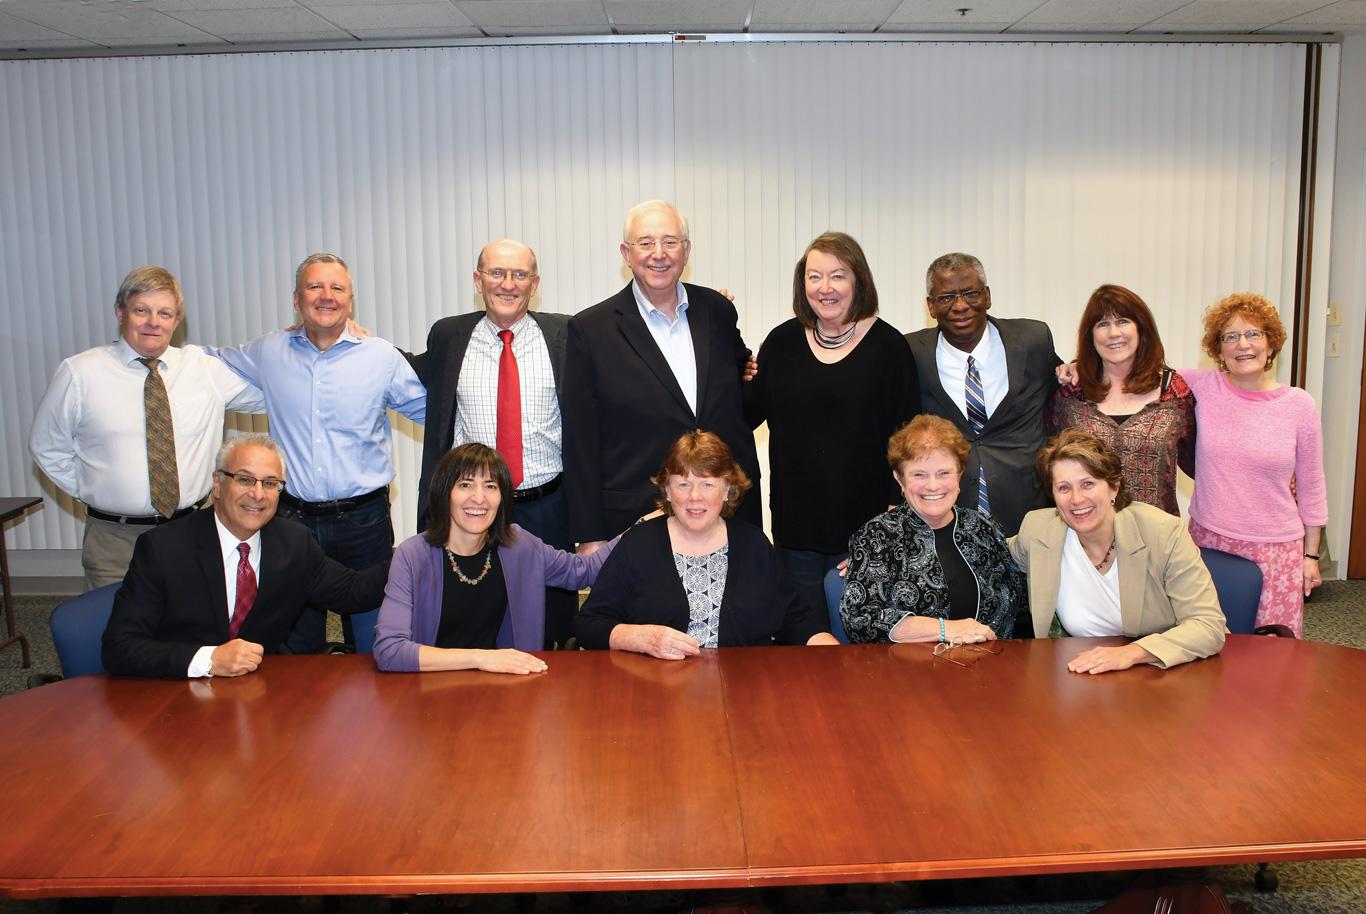 CT Community Care Board of Directors